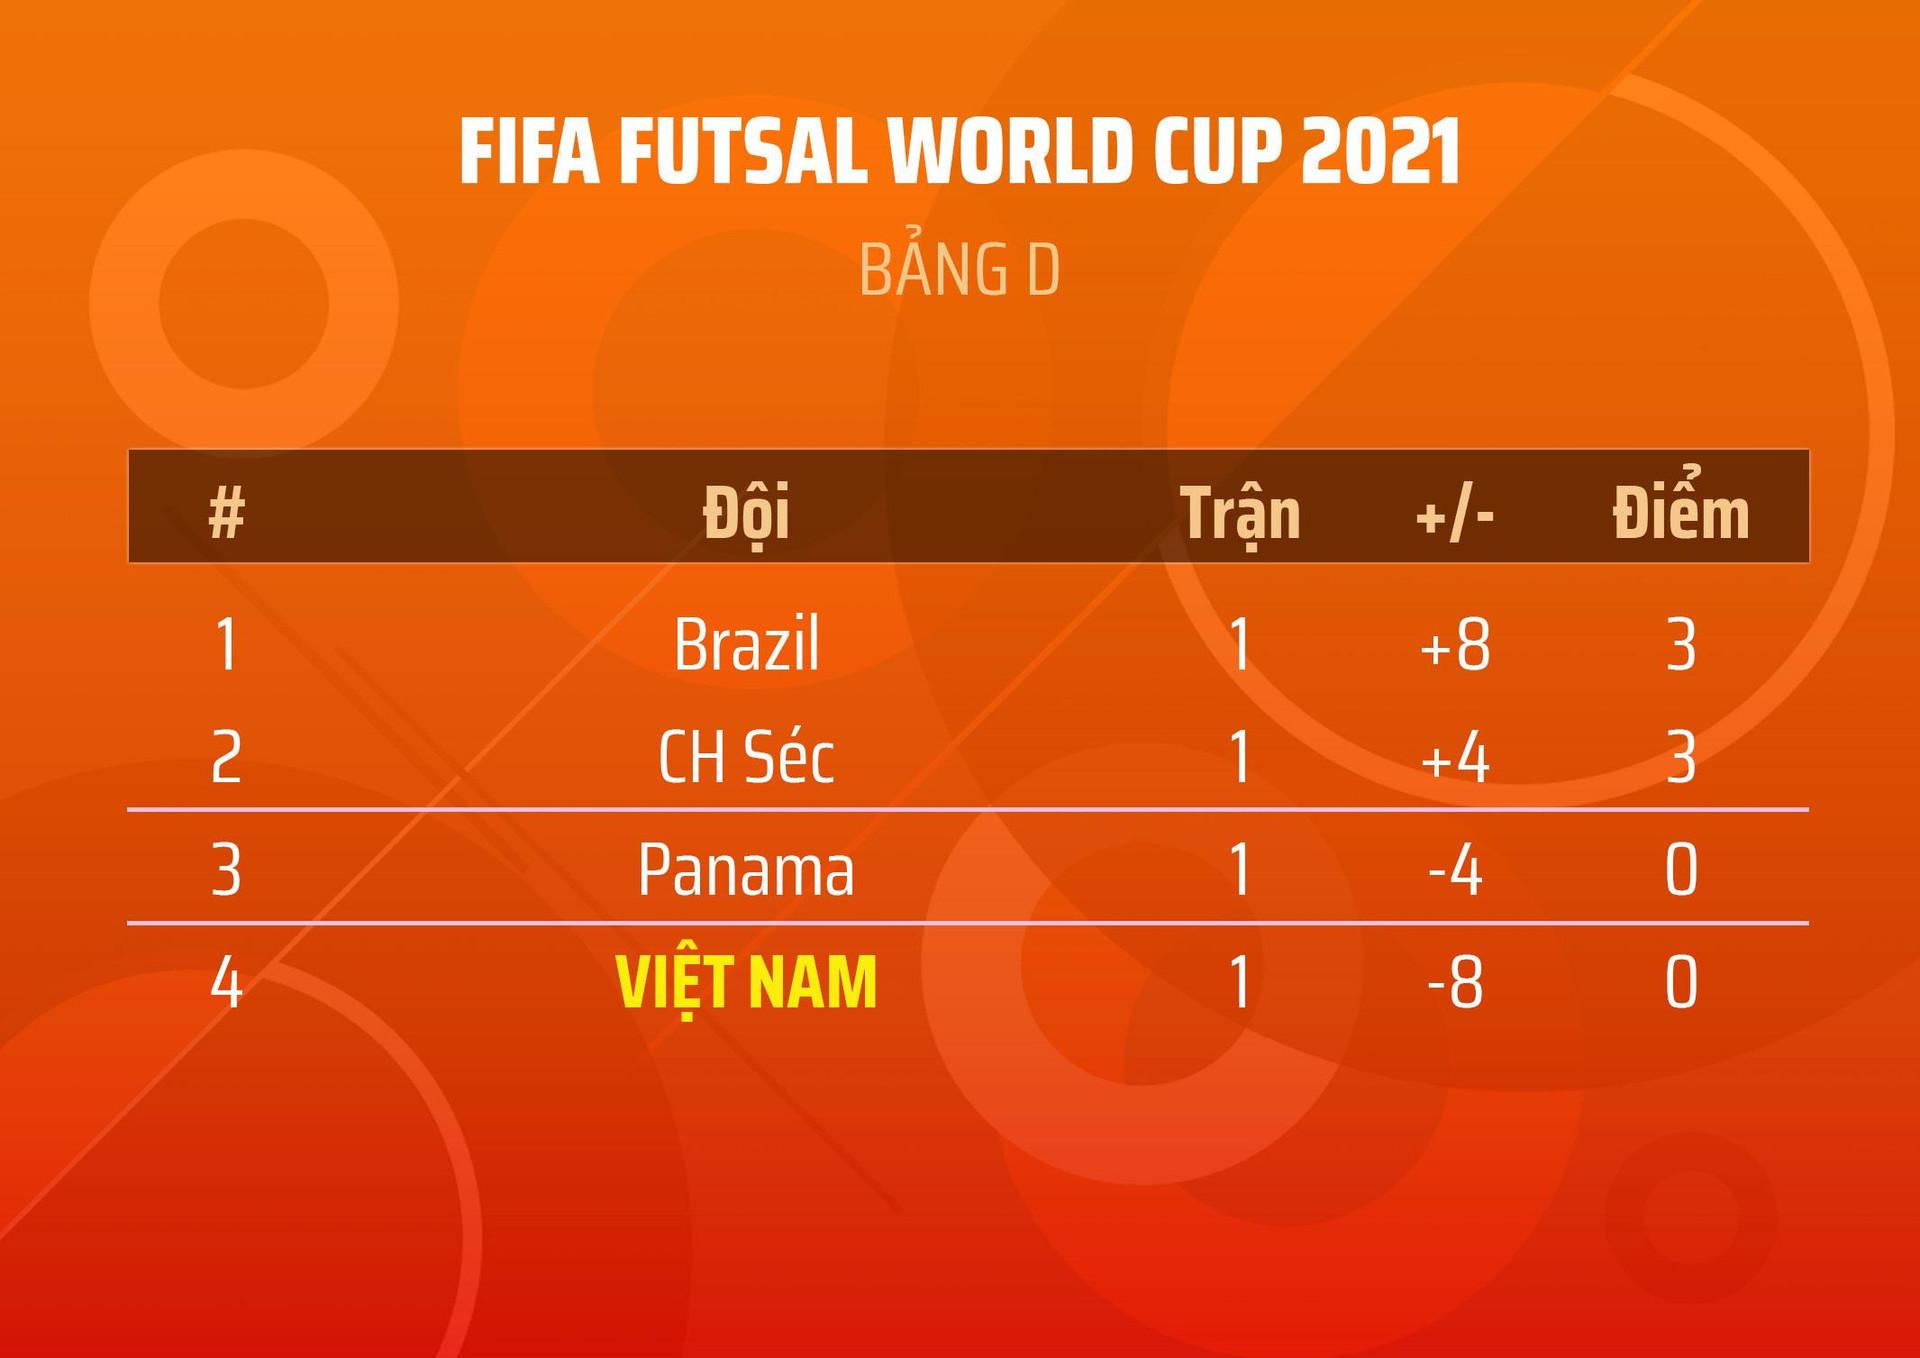 Xem trực tiếp trận futsal Việt Nam vs Panama trên kênh nào? - 2